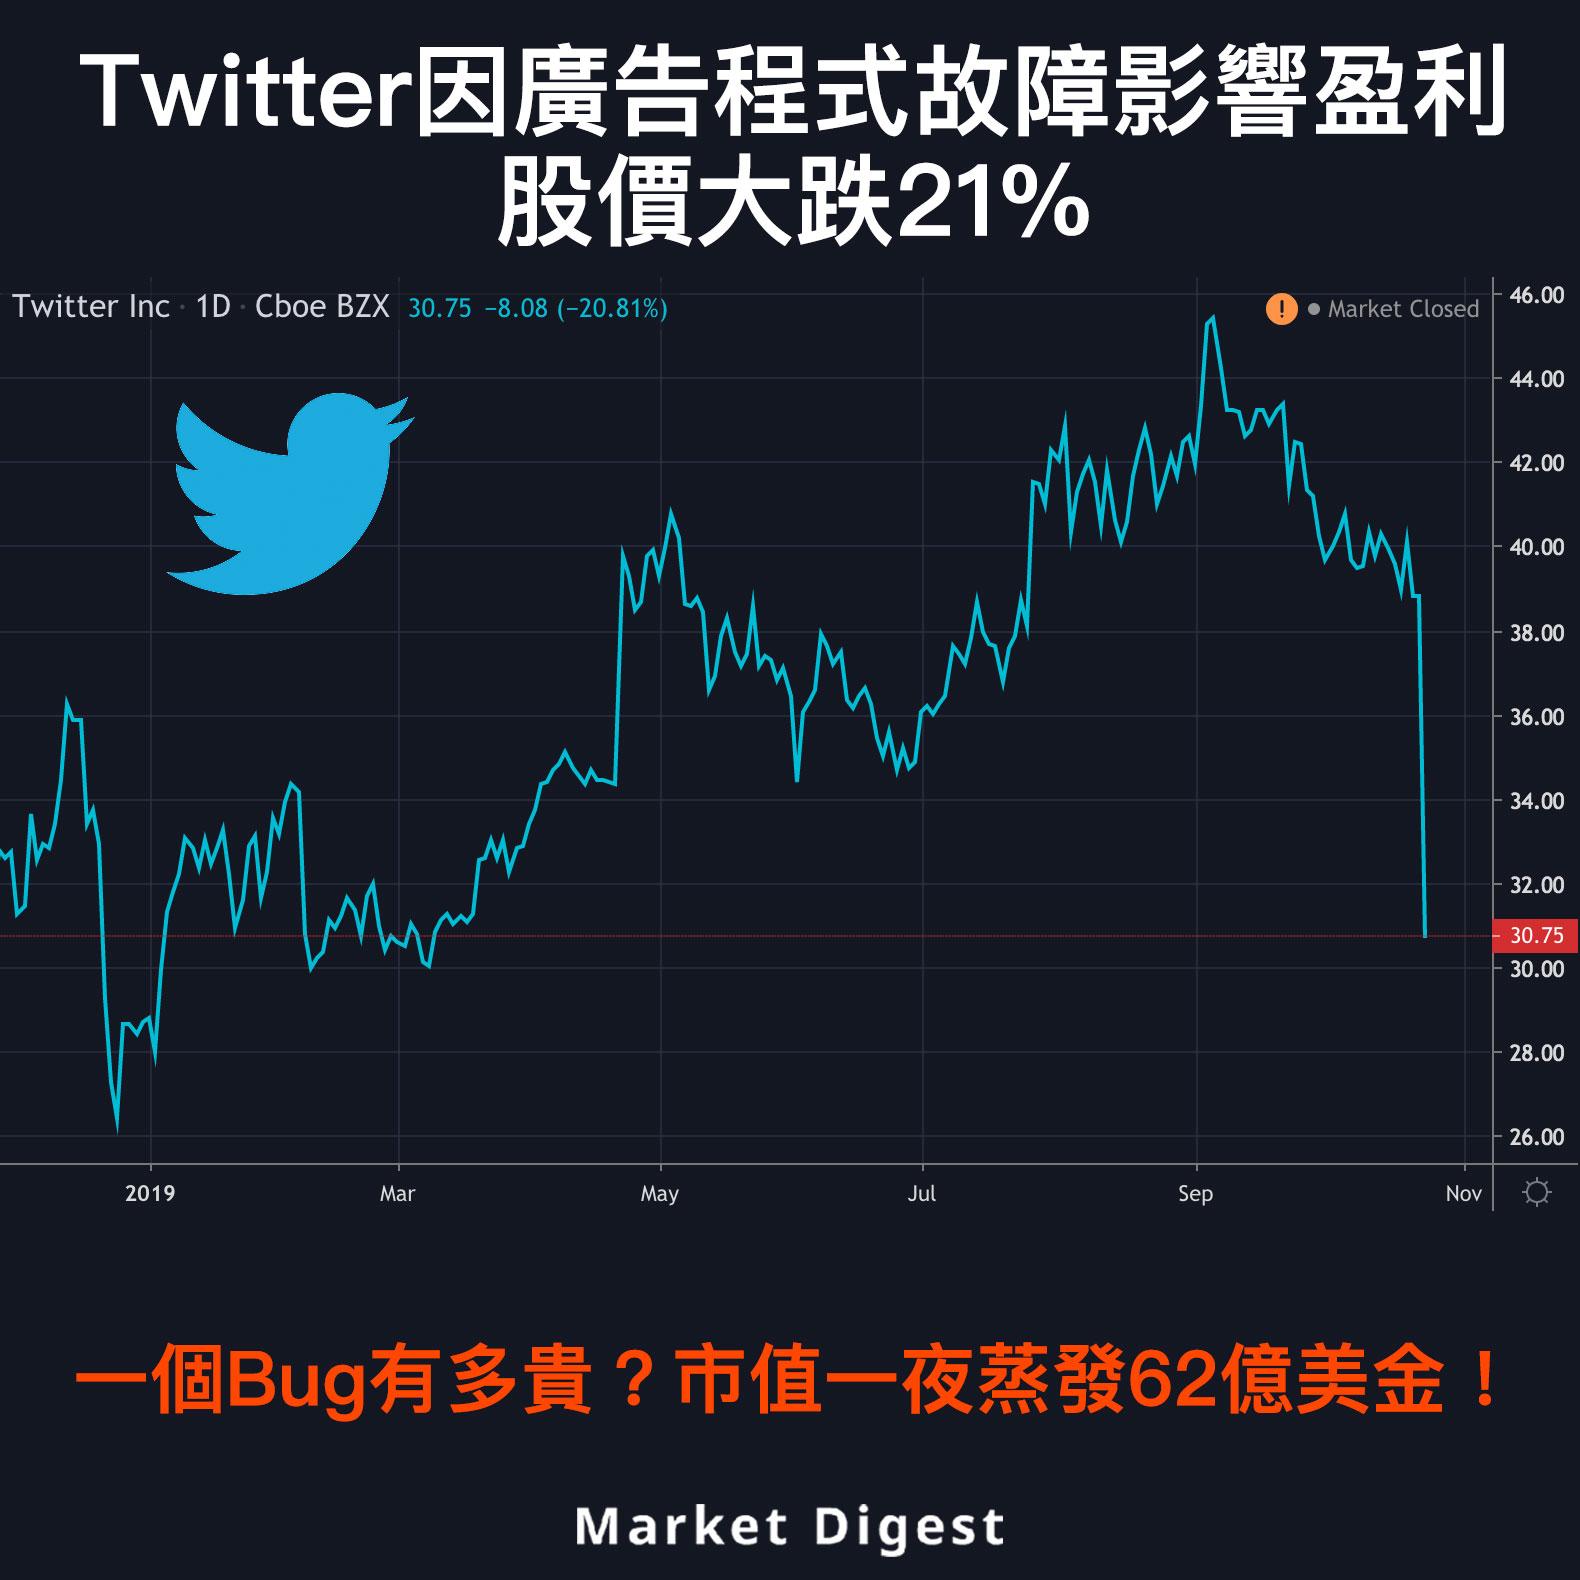 【市場熱話】Twitter因廣告程式故障影響盈利,股價大跌21%